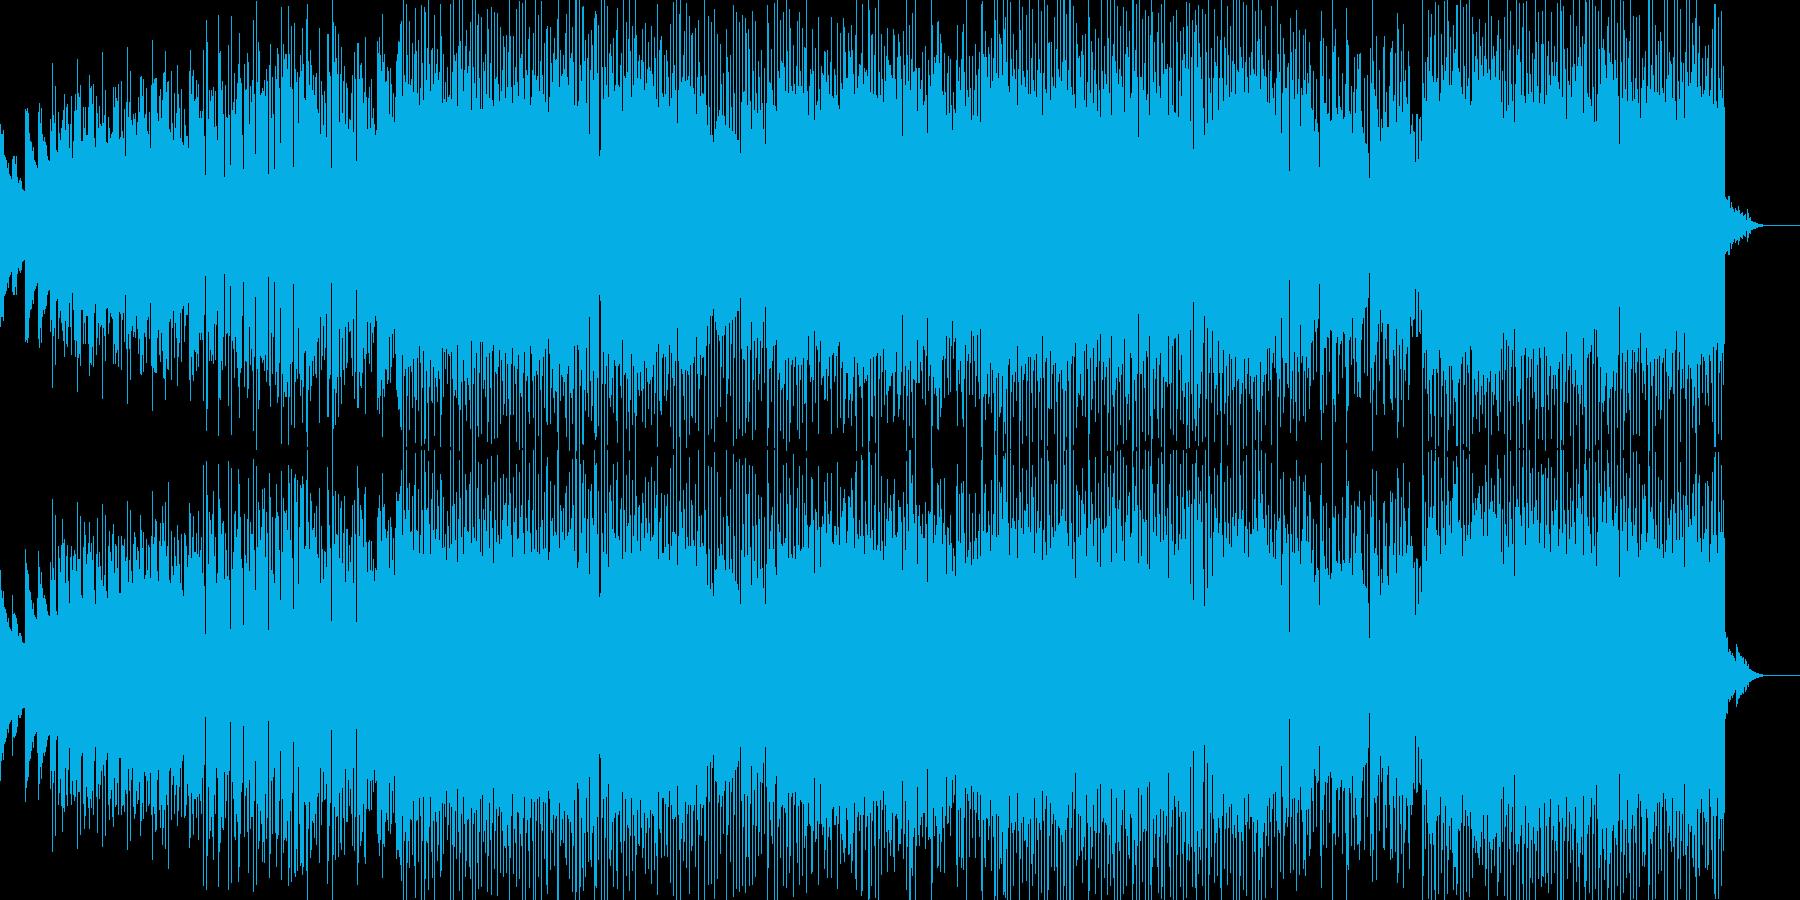 星空を連想させるキラキラしたBGMの再生済みの波形